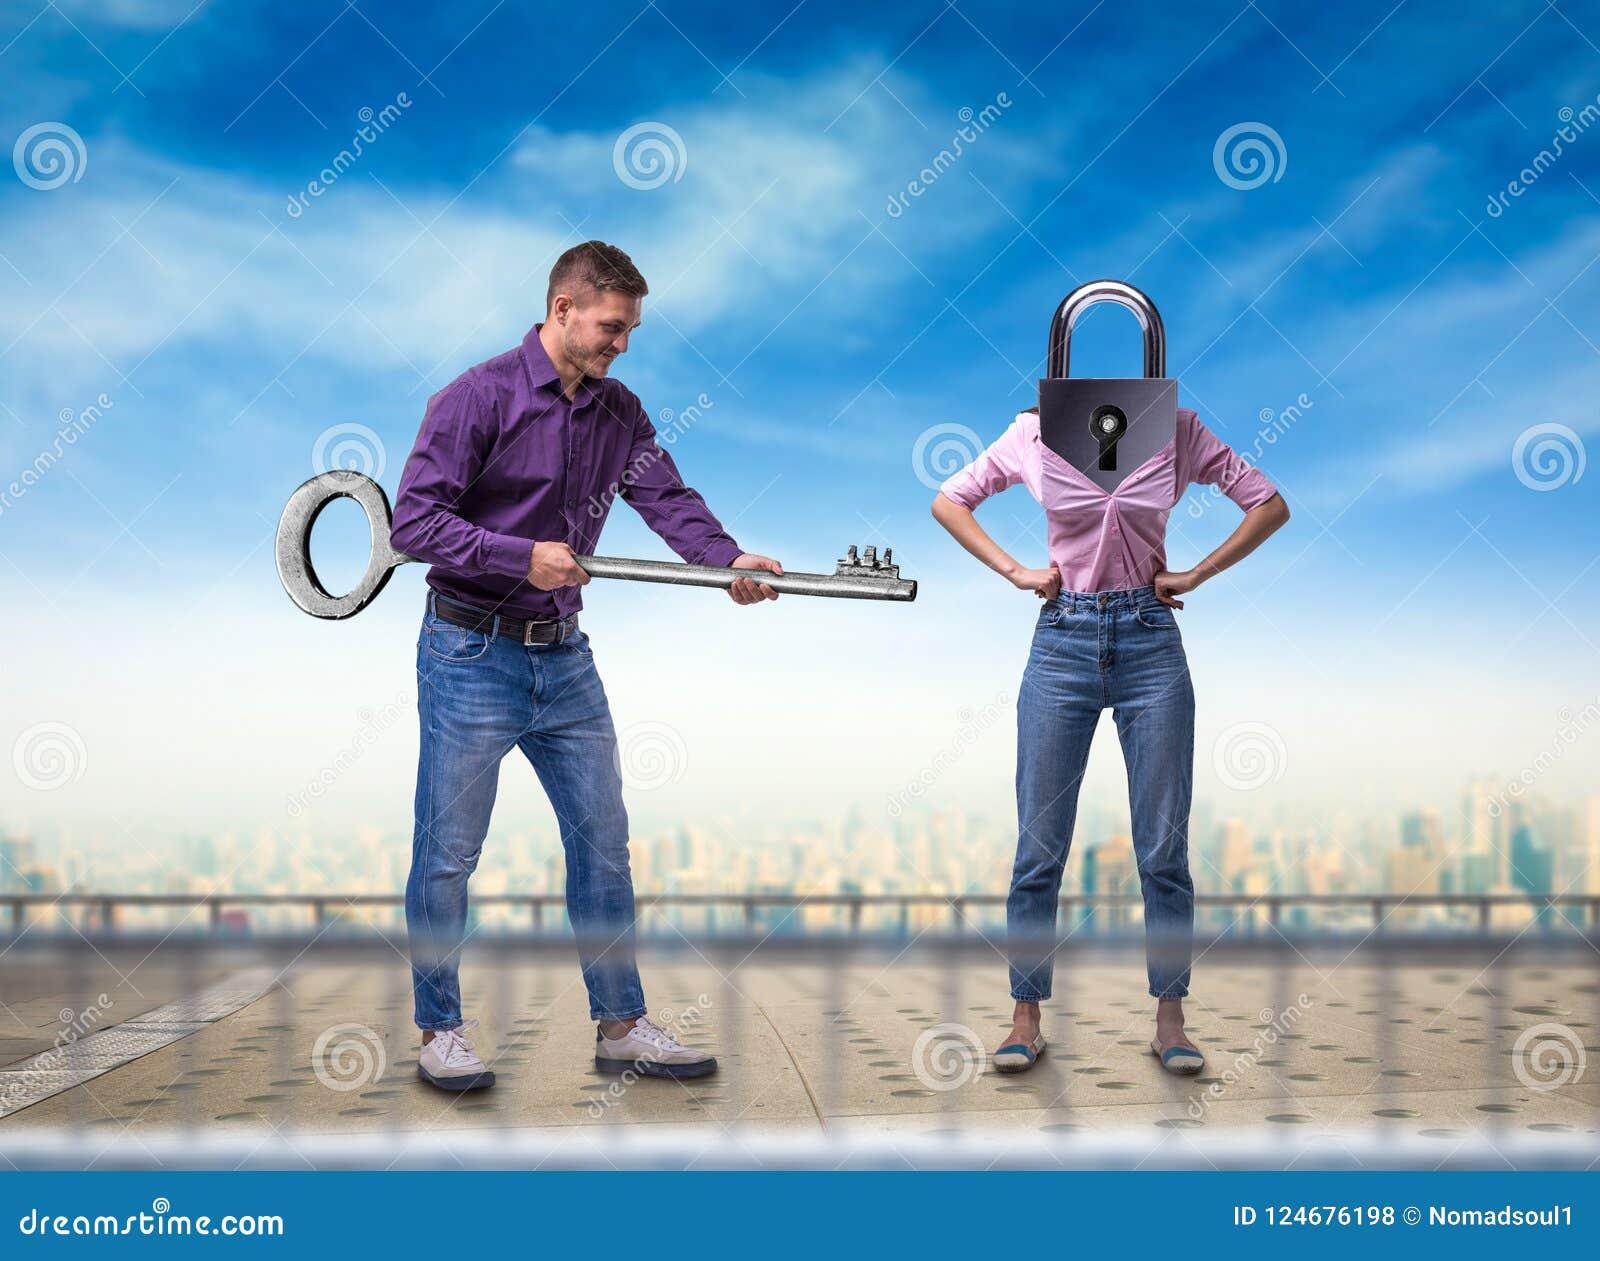 Mężczyzna chwyty klucze, kobieta z keyhole zamiast głowy